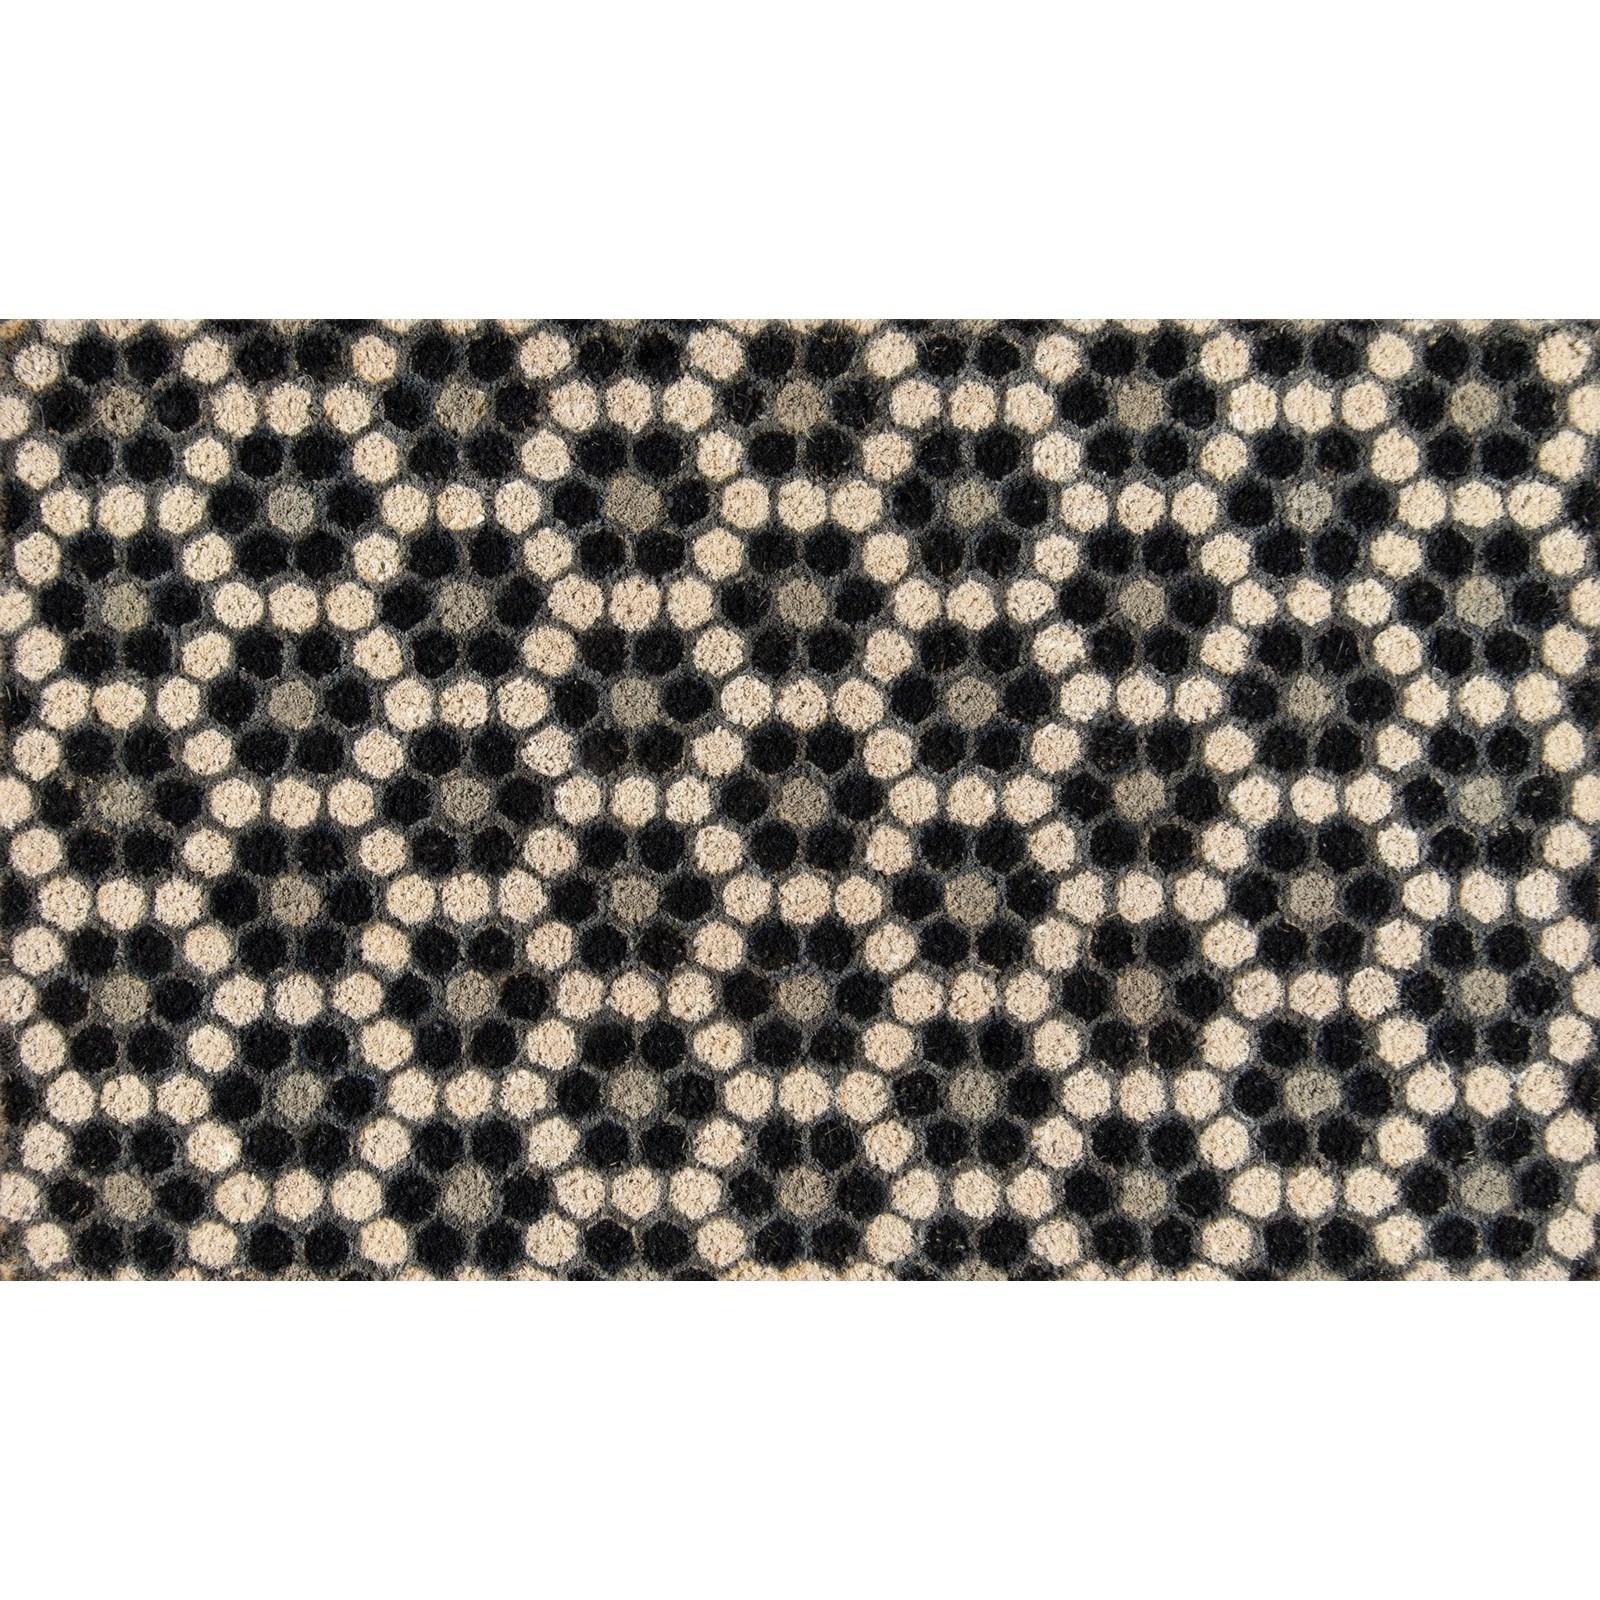 """Novogratz Aloha Black Hex Tile 1'6"""" x 2'6"""" Rug by Momeni at Belfort Furniture"""